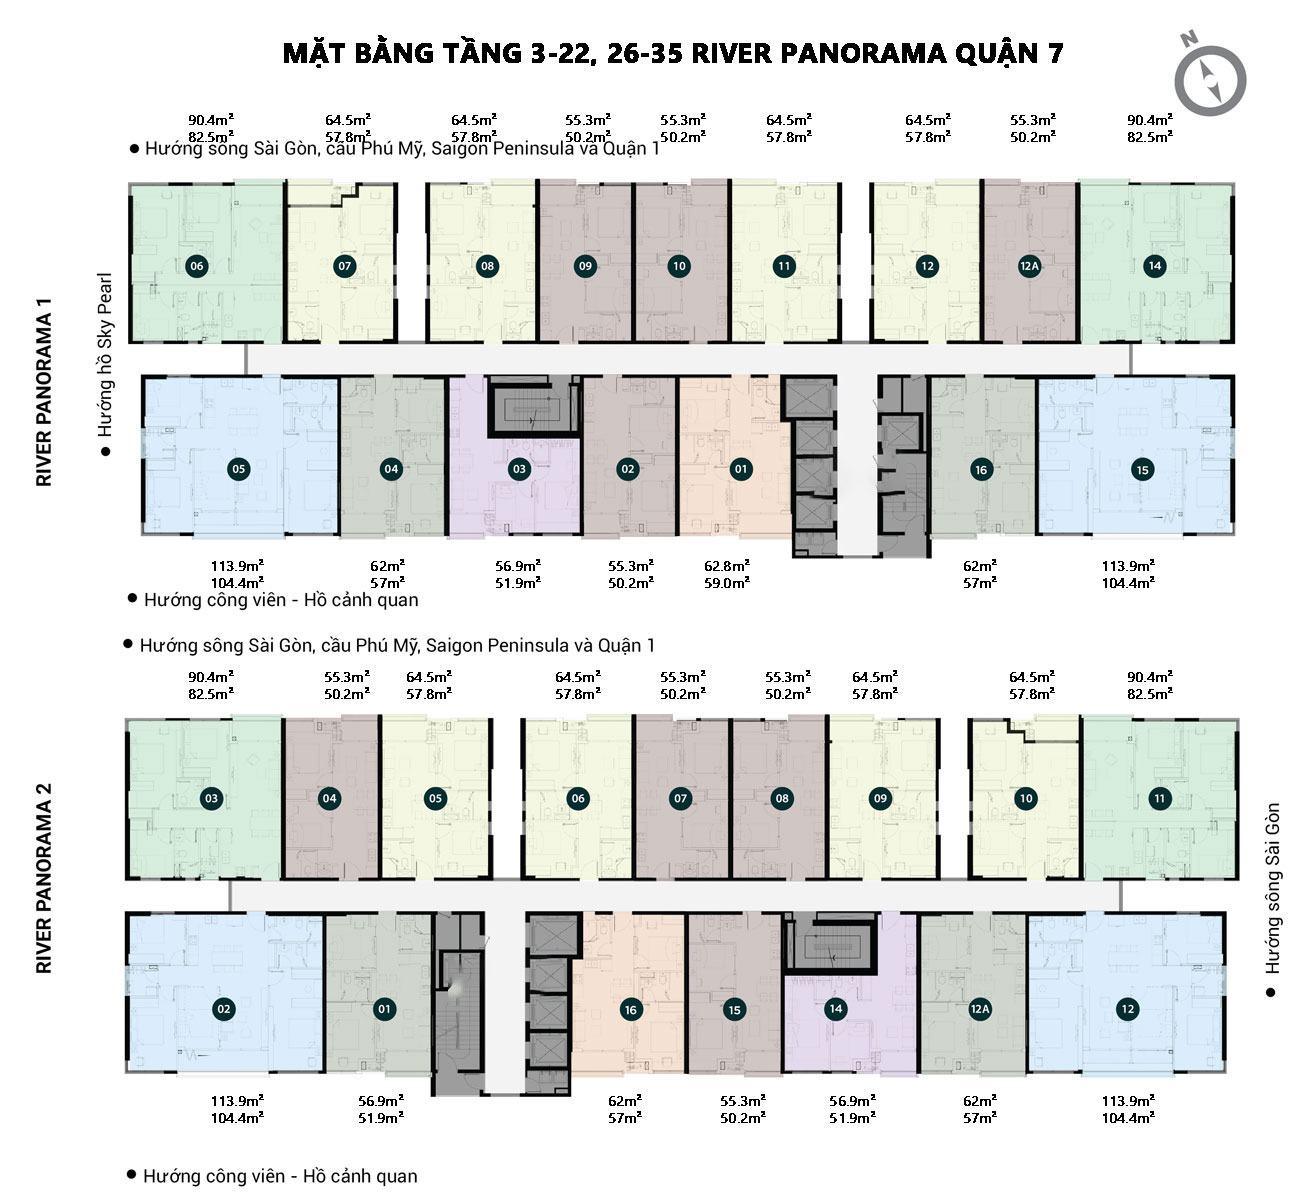 MAT BANG CHUNG CU RIVER PANORAMA 3